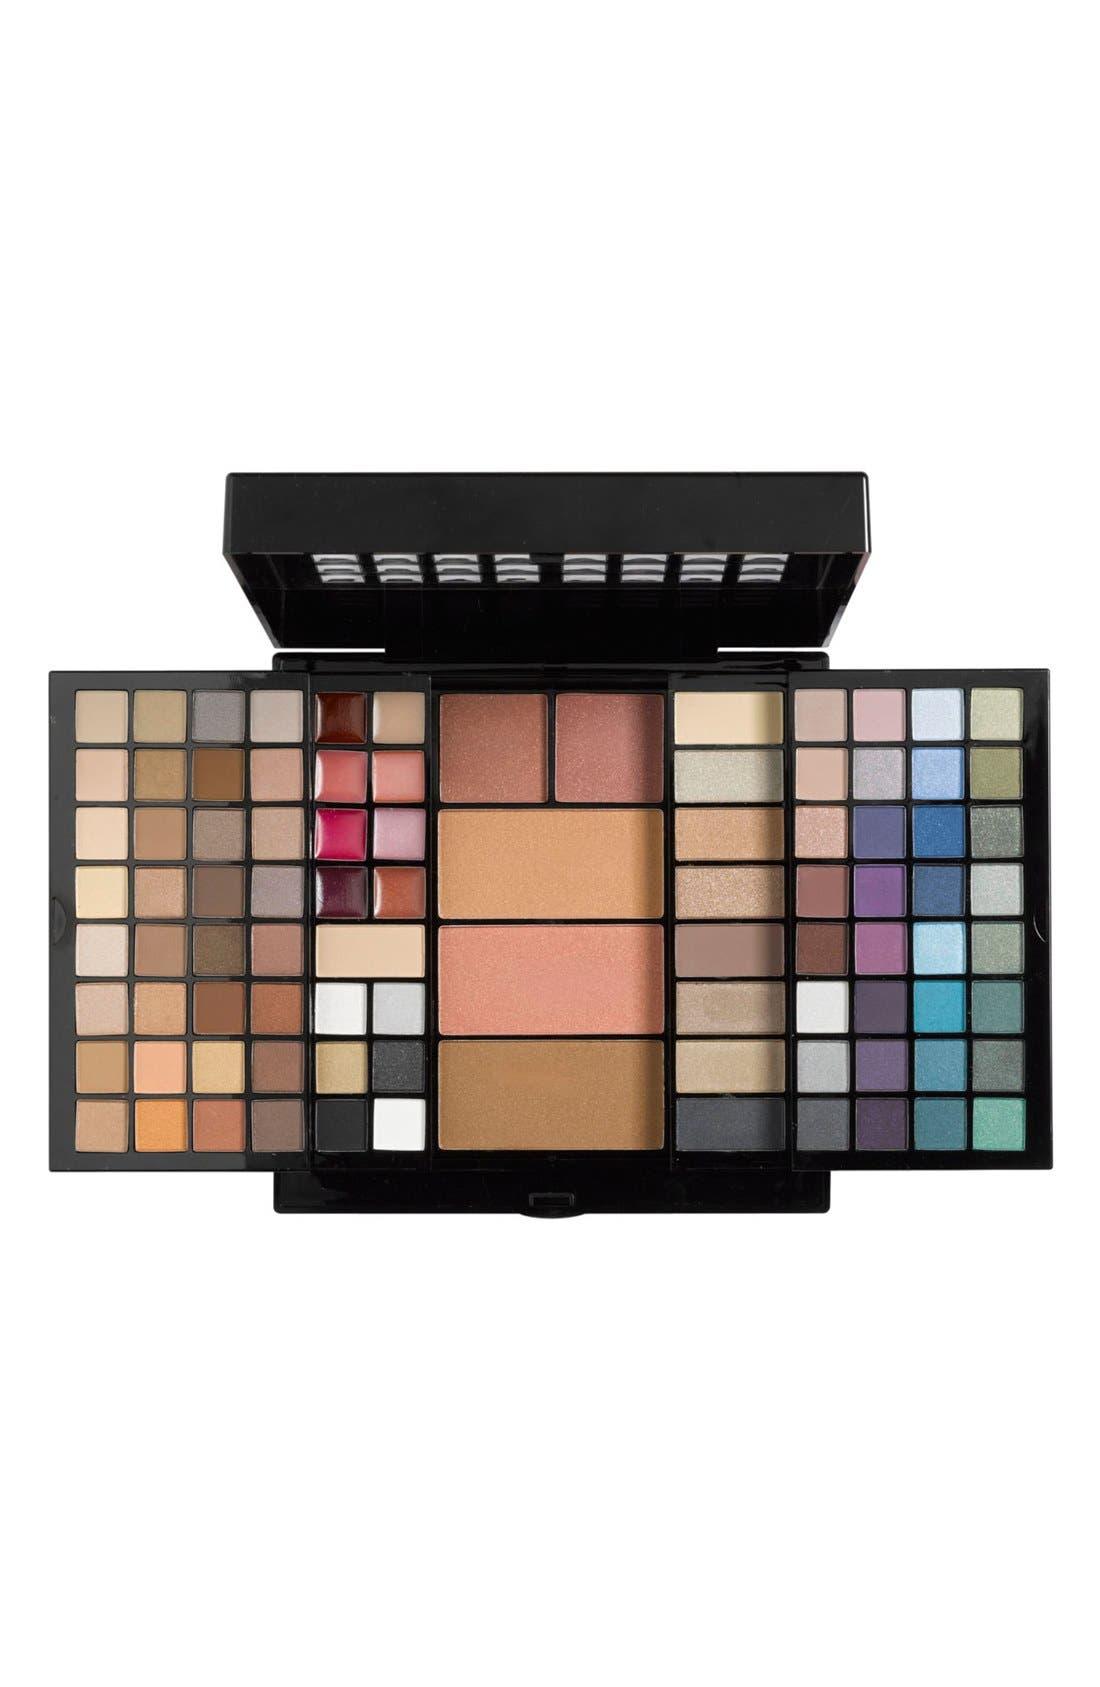 Alternate Image 1 Selected - Nordstrom 'Fantasy' Makeup Palette (Nordstrom Exclusive) ($150 Value)